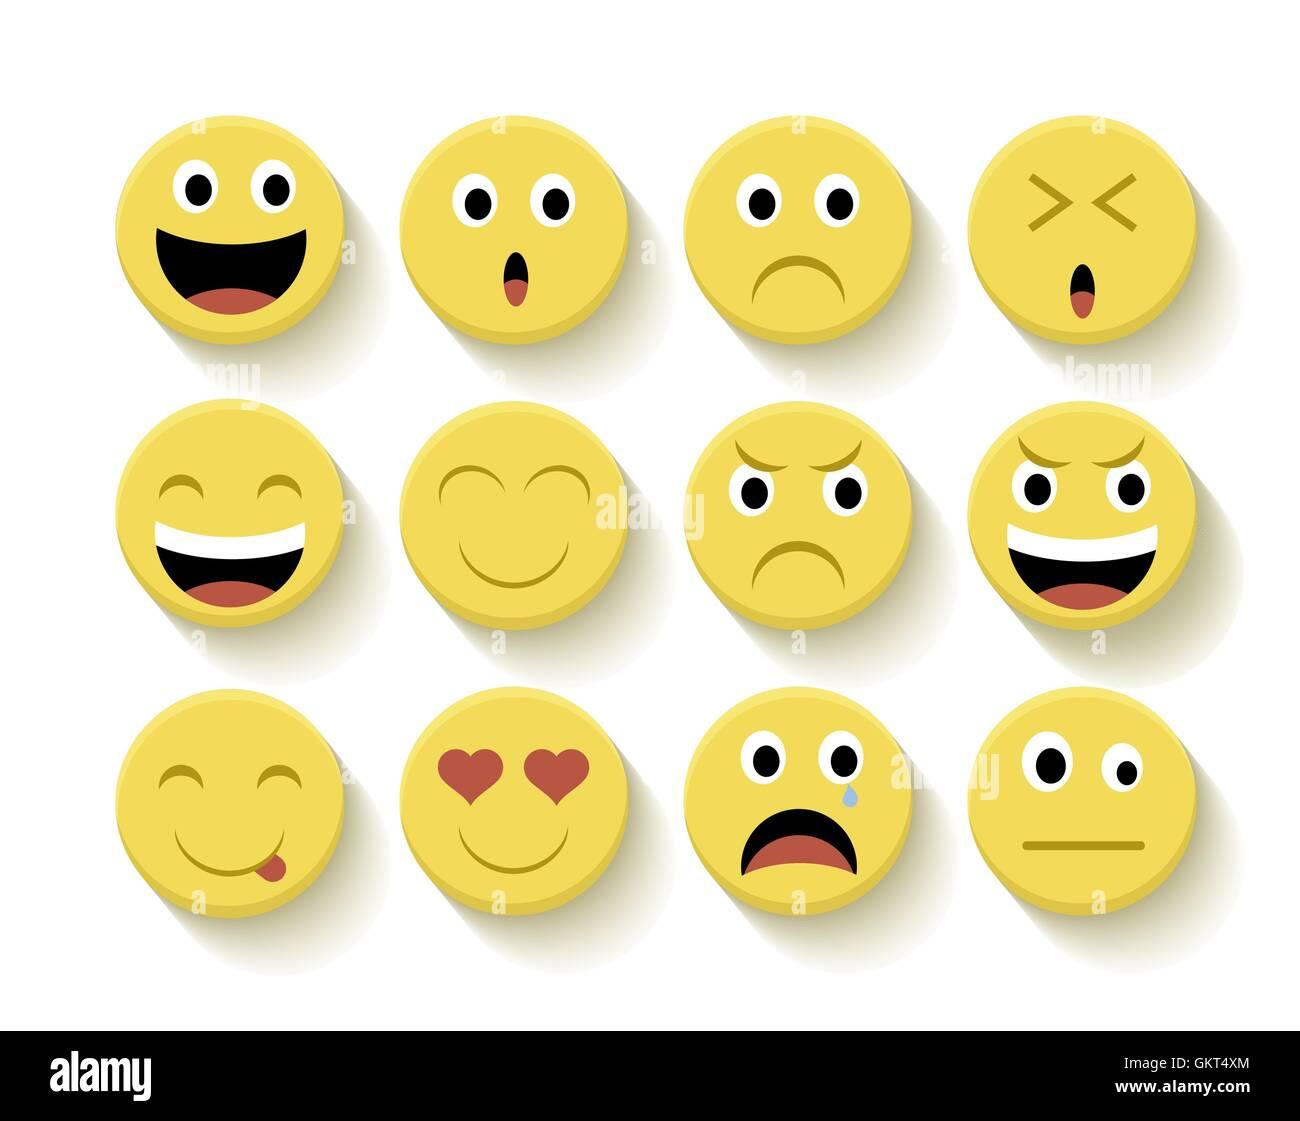 emoji emoticon smiley vector set stockfotos emoji. Black Bedroom Furniture Sets. Home Design Ideas